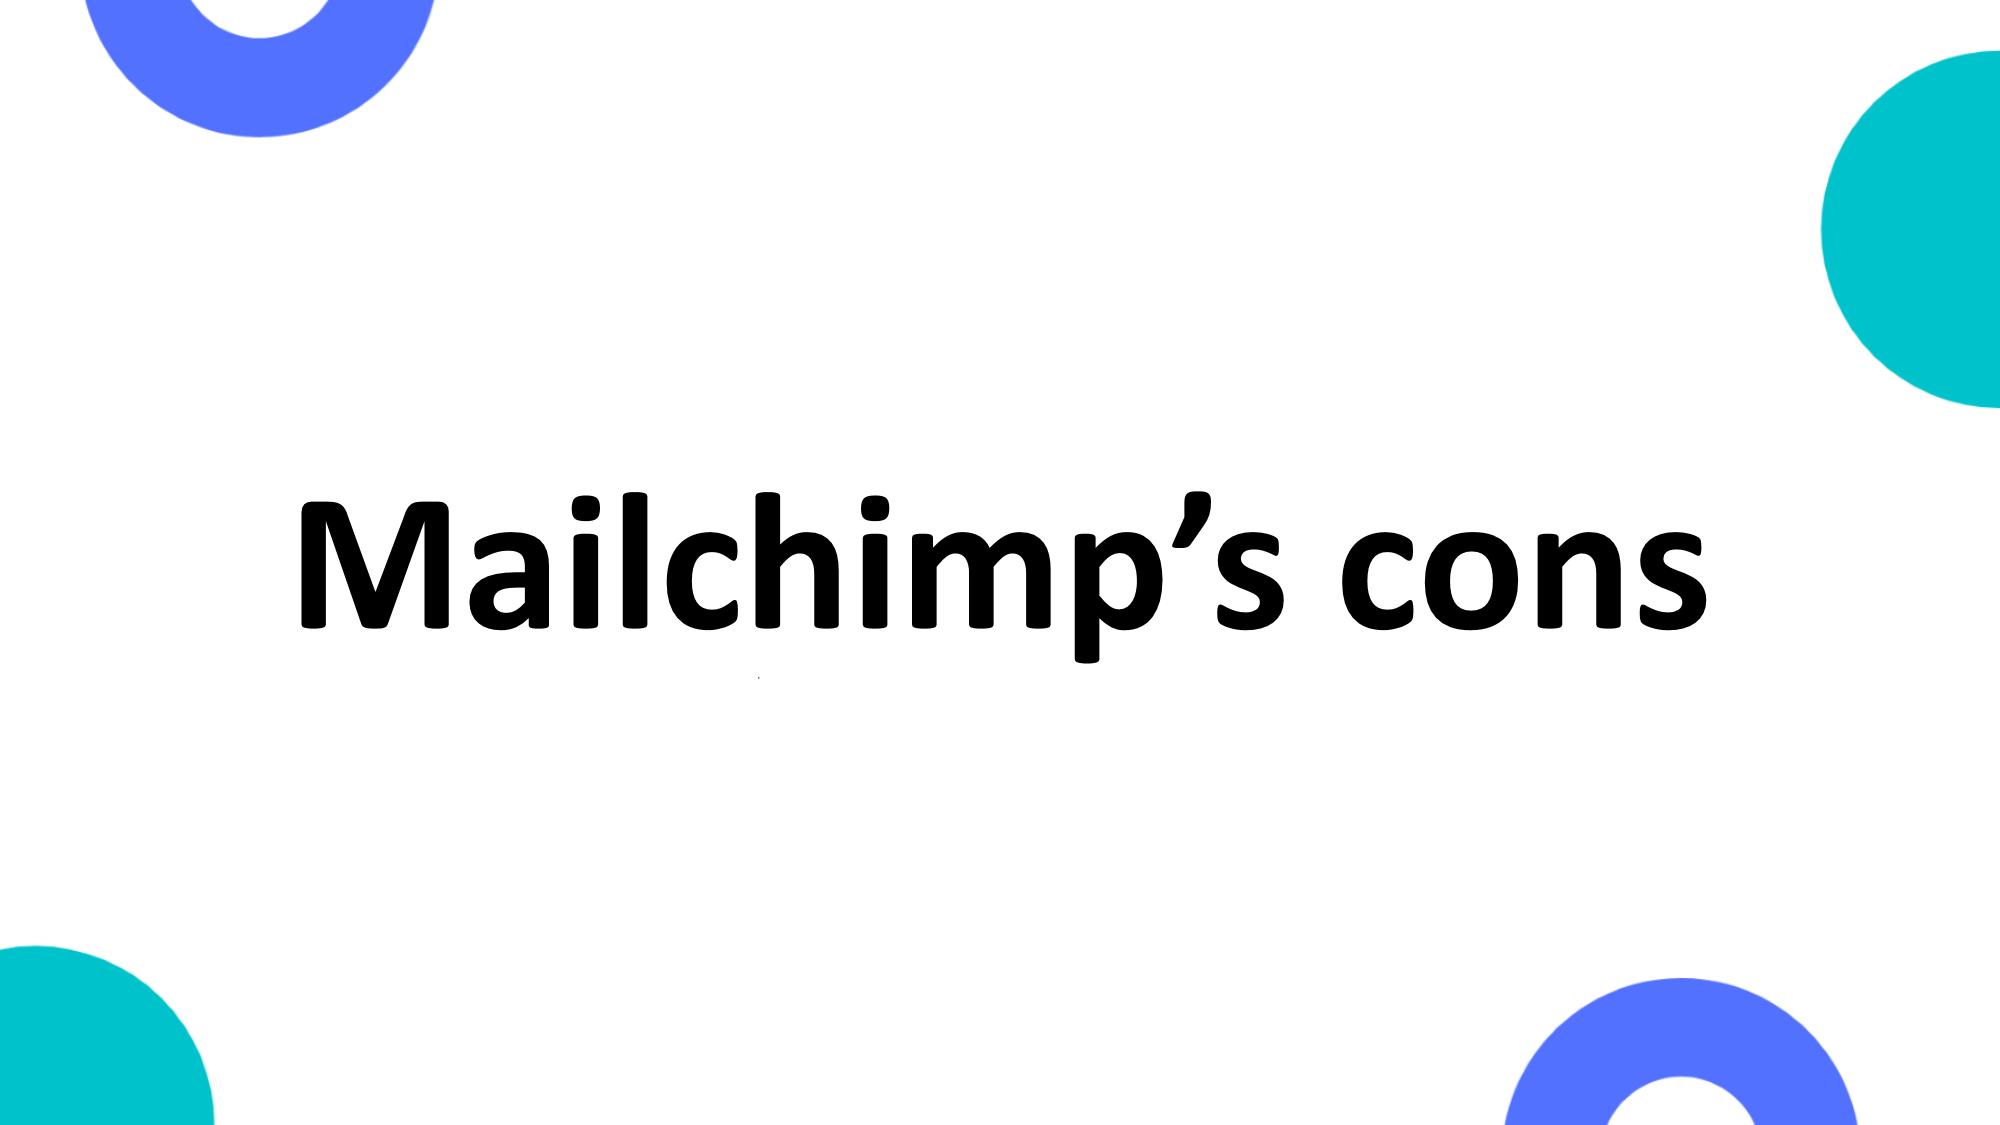 Mailchimp's cons